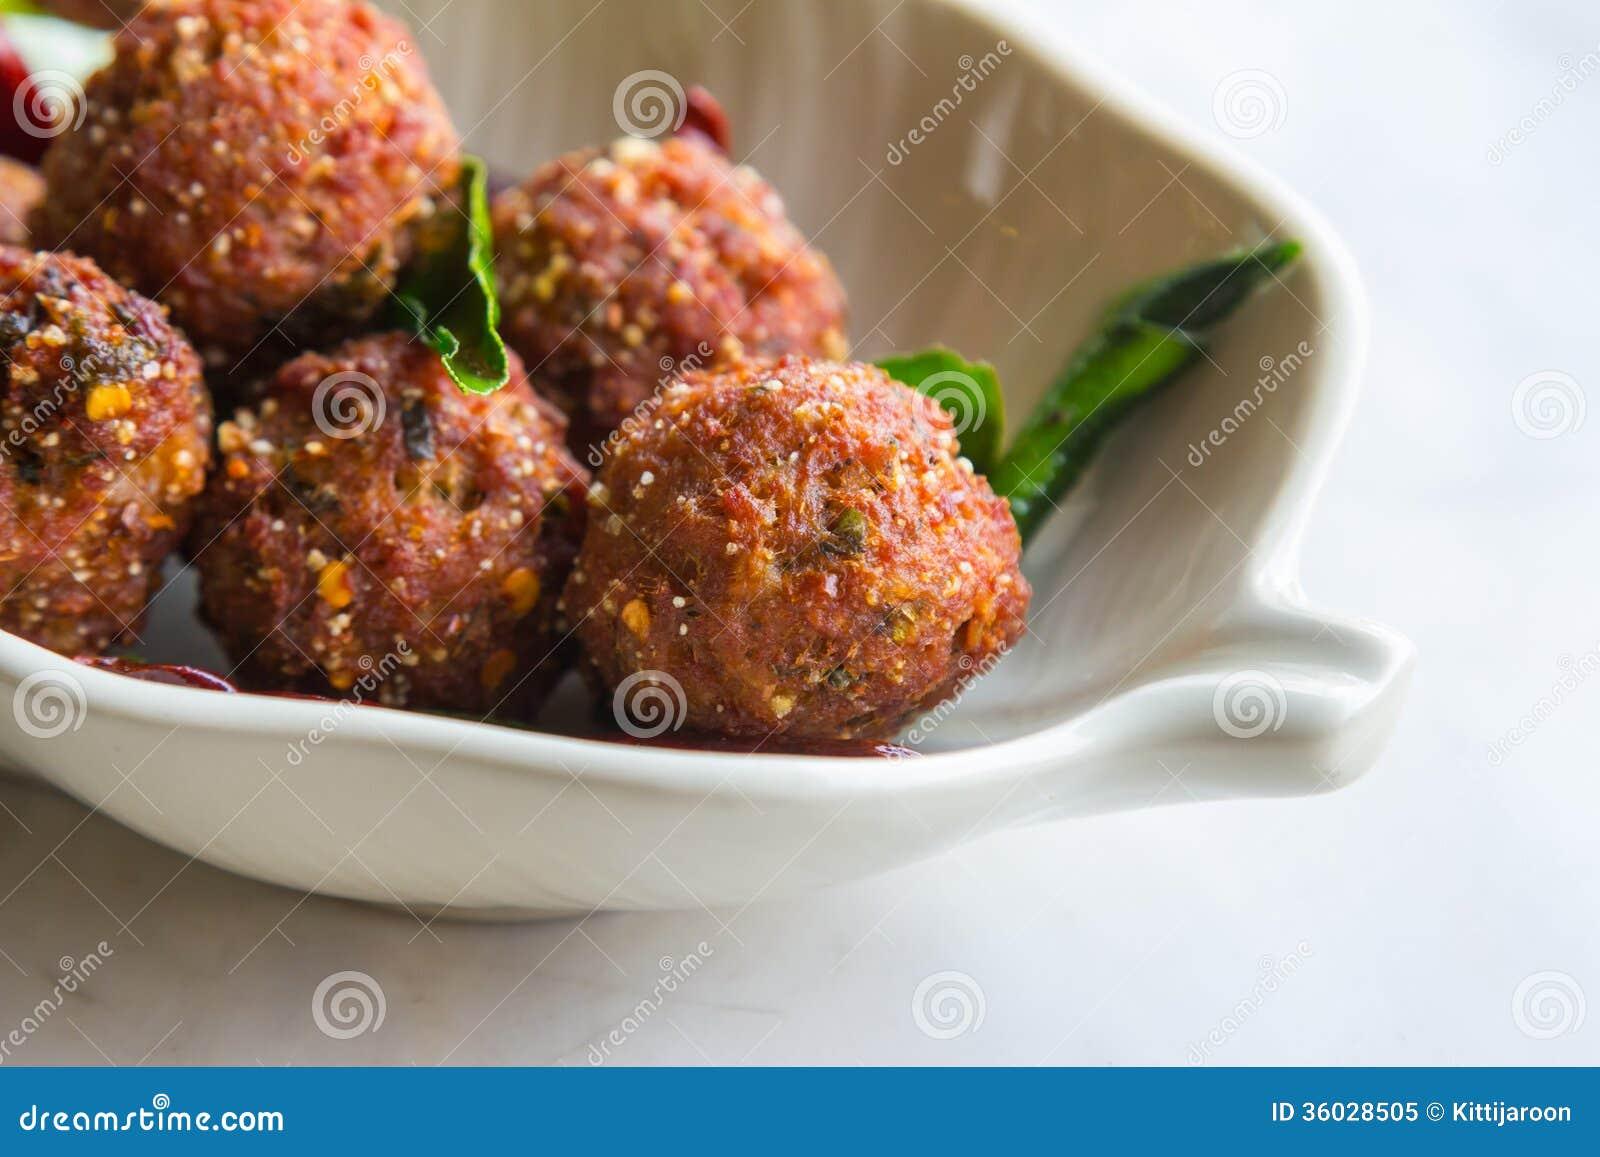 Carne di maiale tritata fritta con salsa piccante pronta da servire